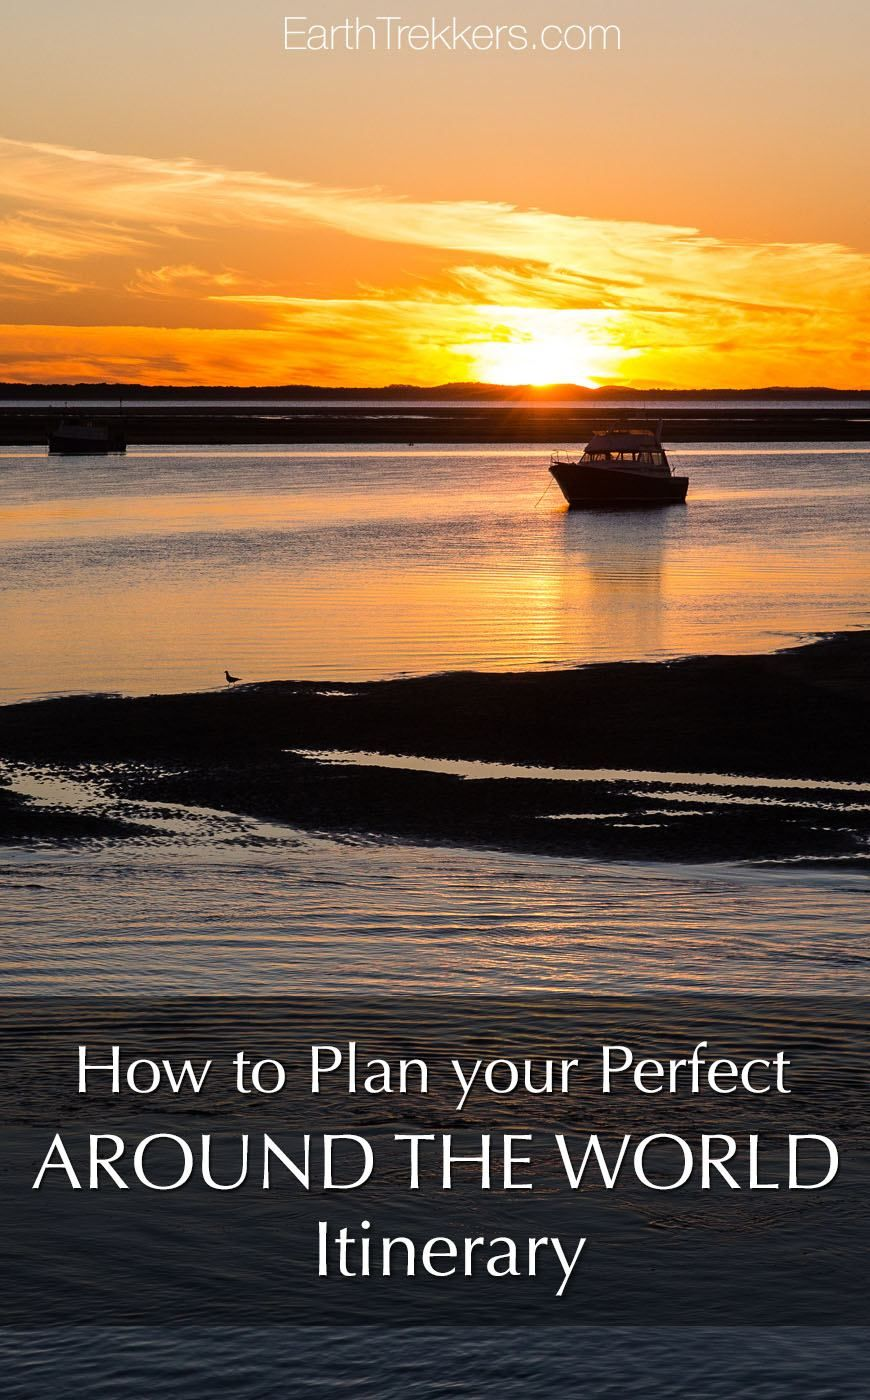 Around the World Itinerary Plan